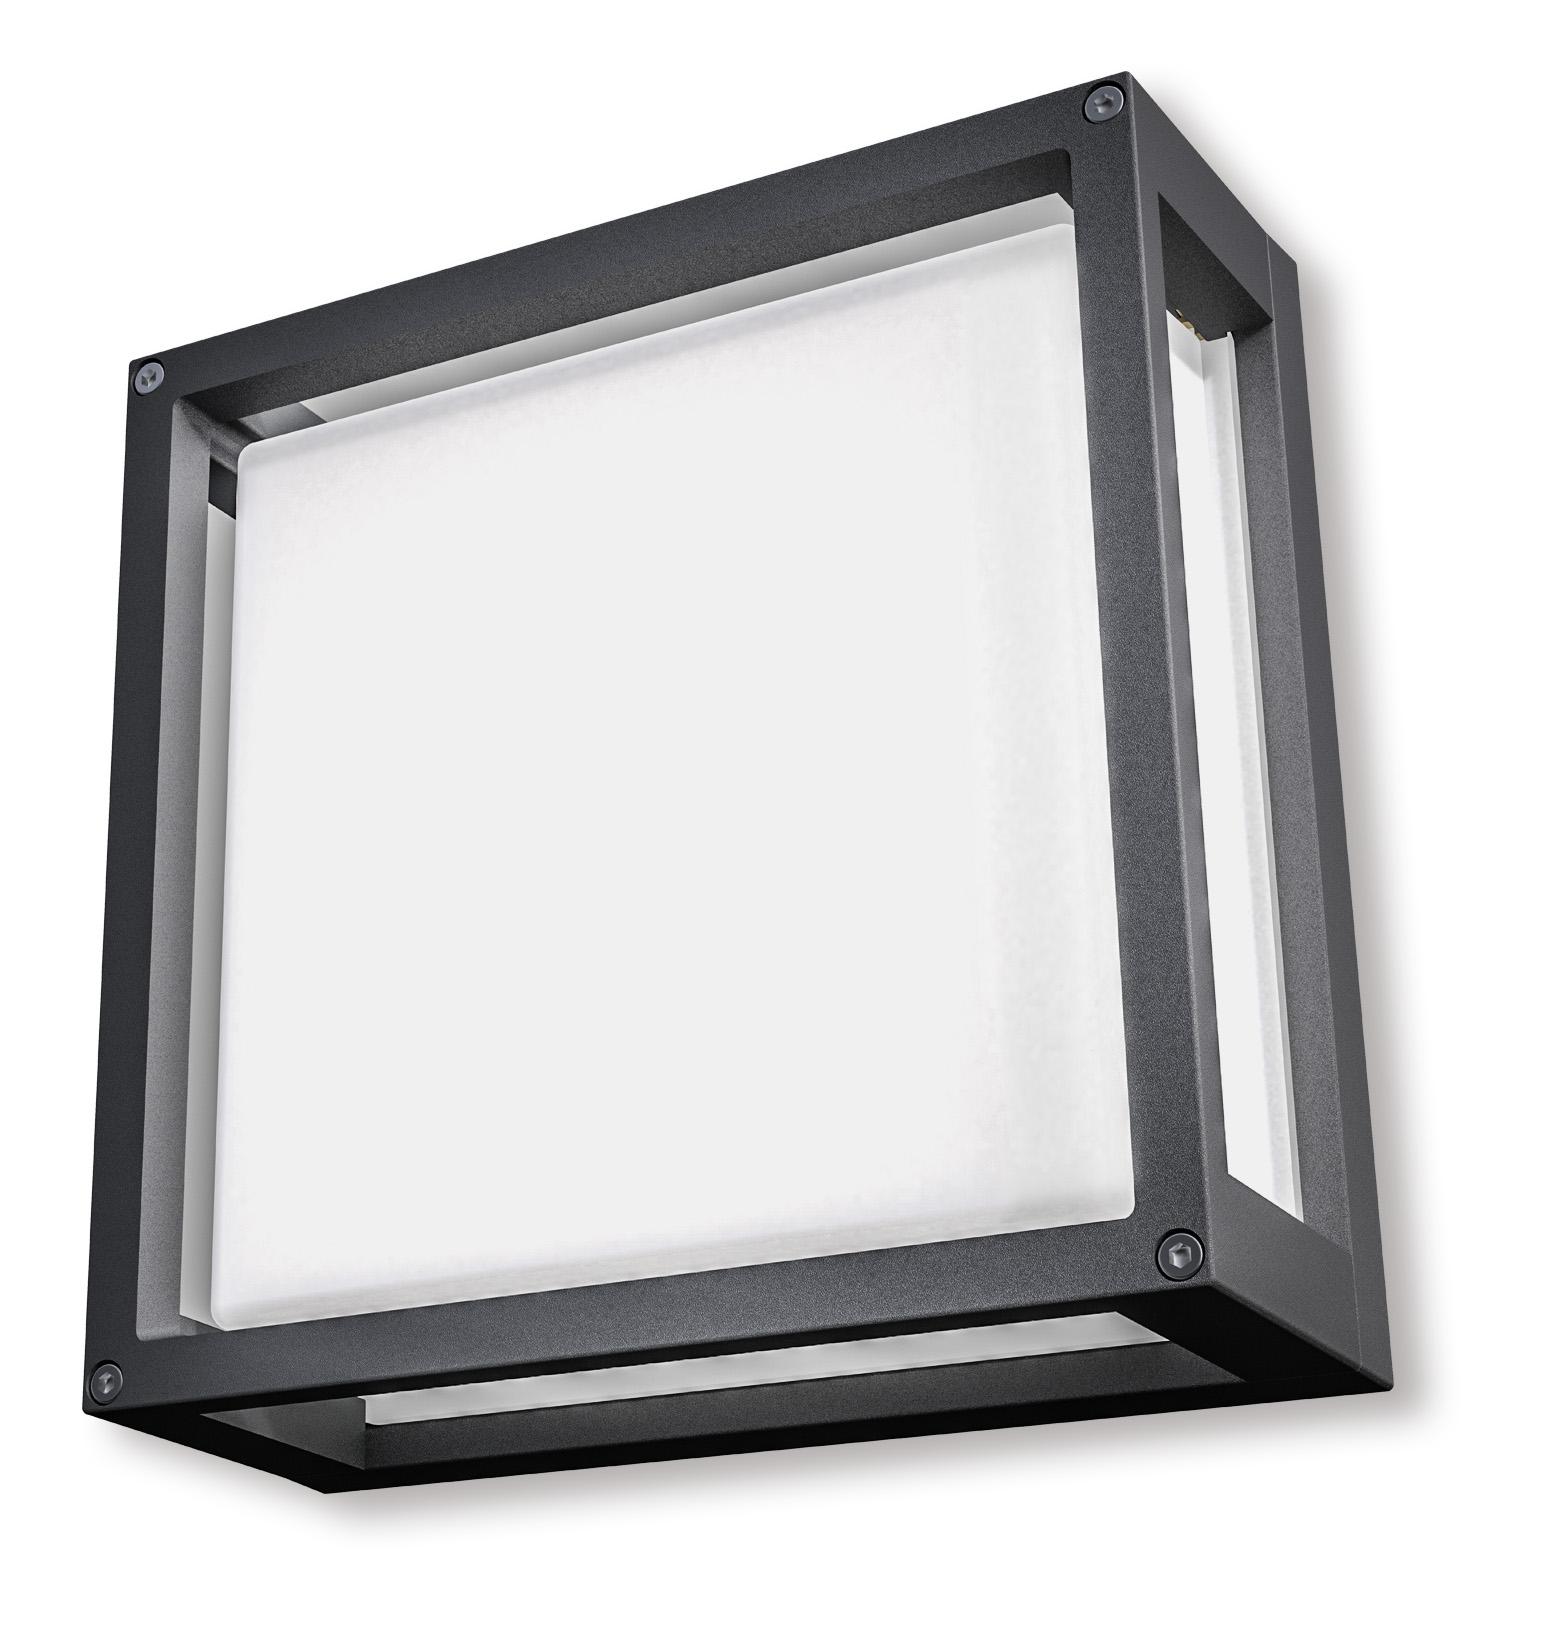 Lampenlux Außenleuchte Sesto Milchglas Aluminium Schwarz 800lm 9W LED 3000K IP54